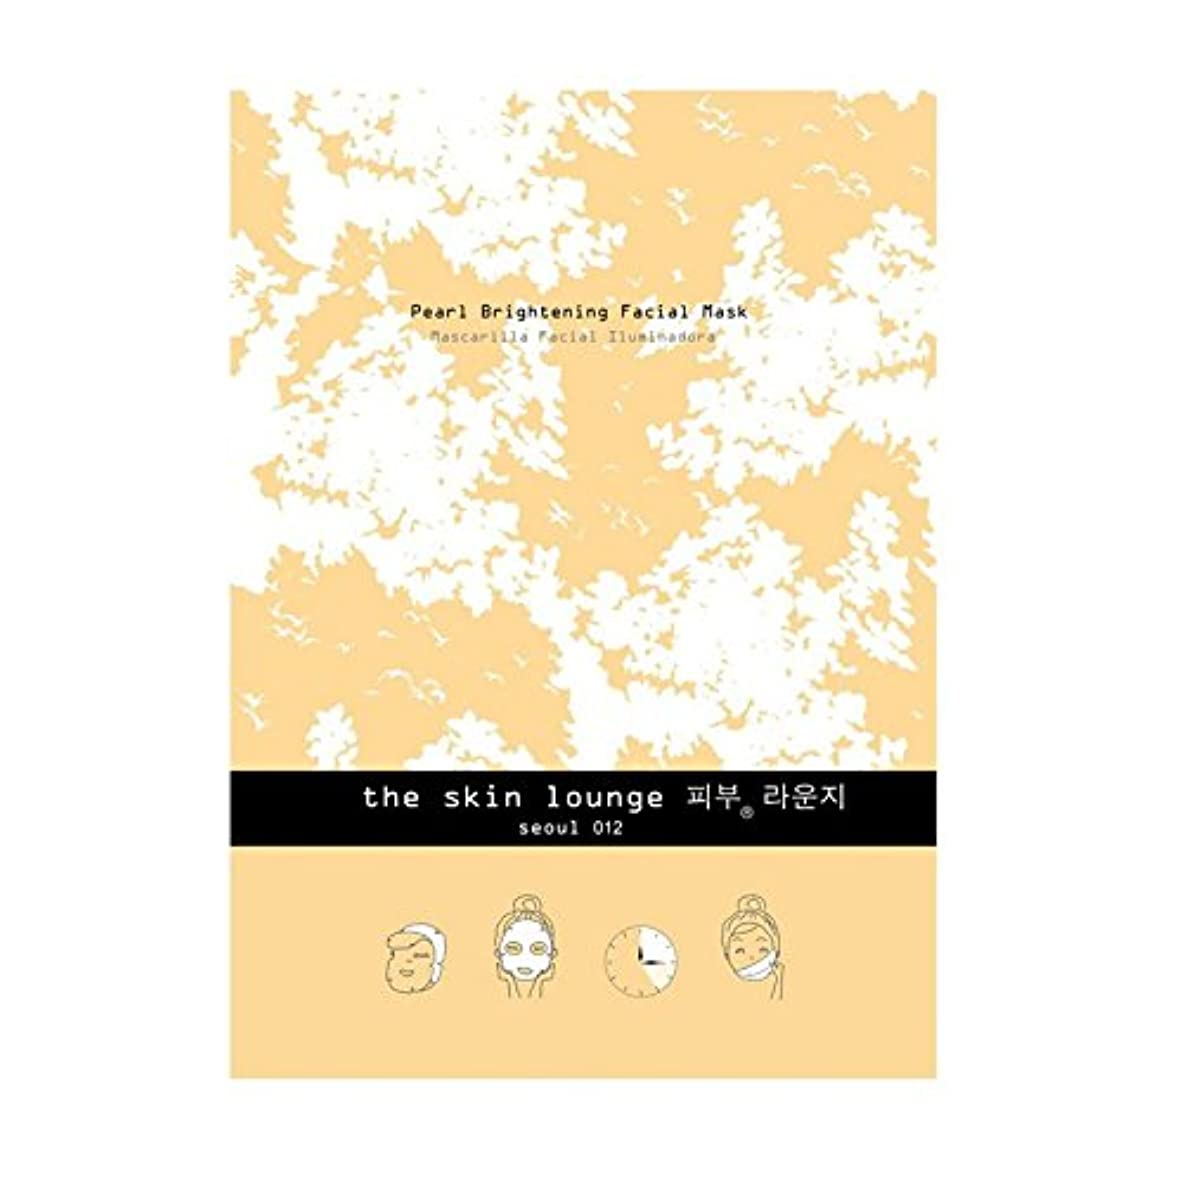 品種酒楕円形単一セルロースマスクを明るく皮膚ラウンジ真珠 x4 - The Skin Lounge Pearl Brightening Single Cellulose Mask (Pack of 4) [並行輸入品]